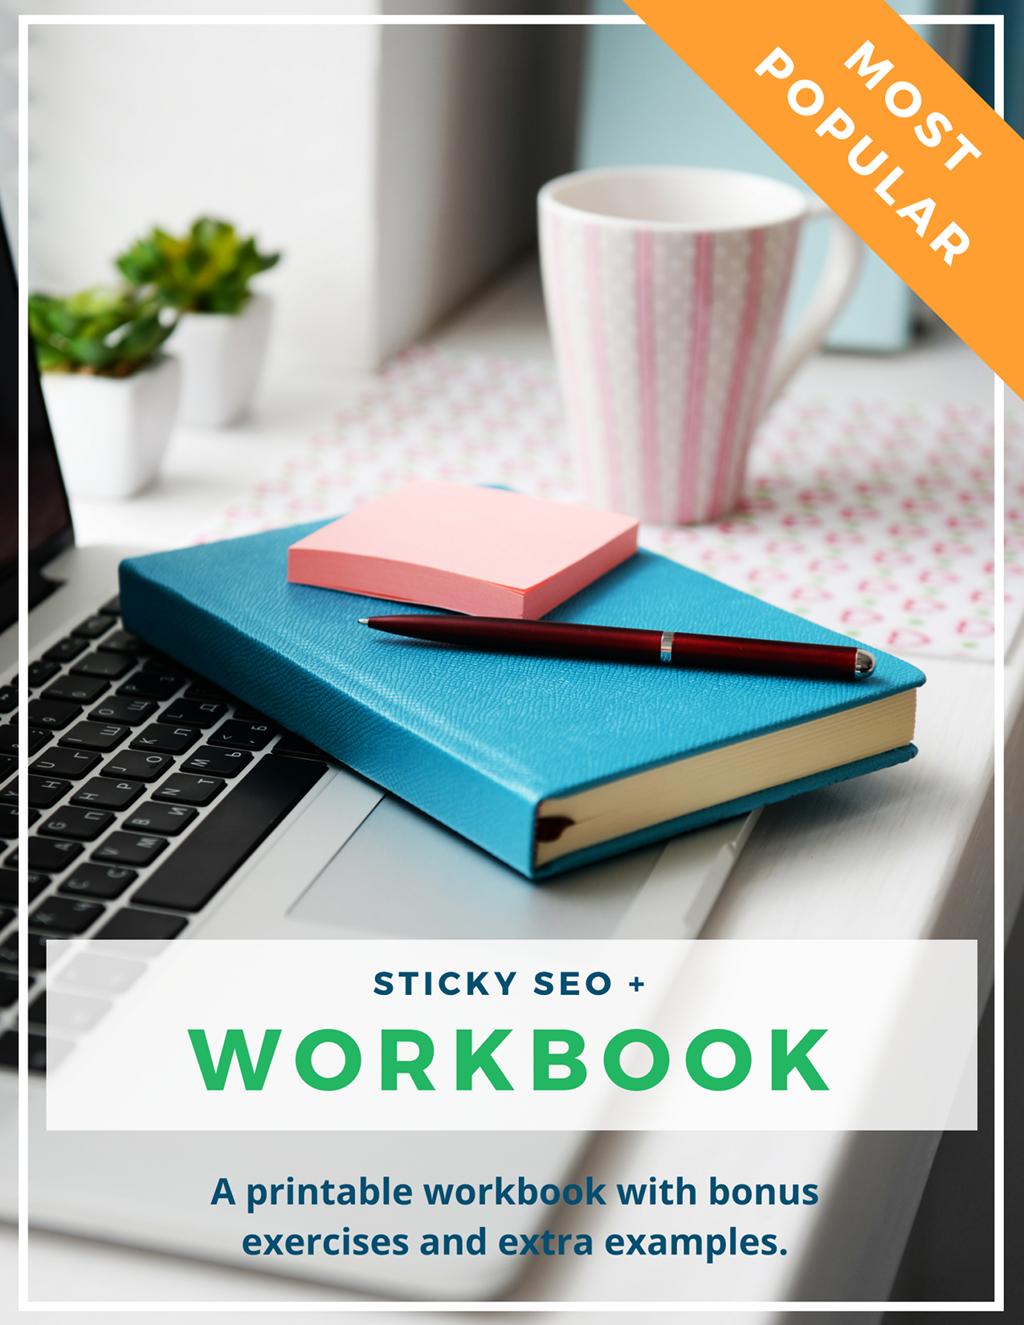 Sticky SEO + Workbook